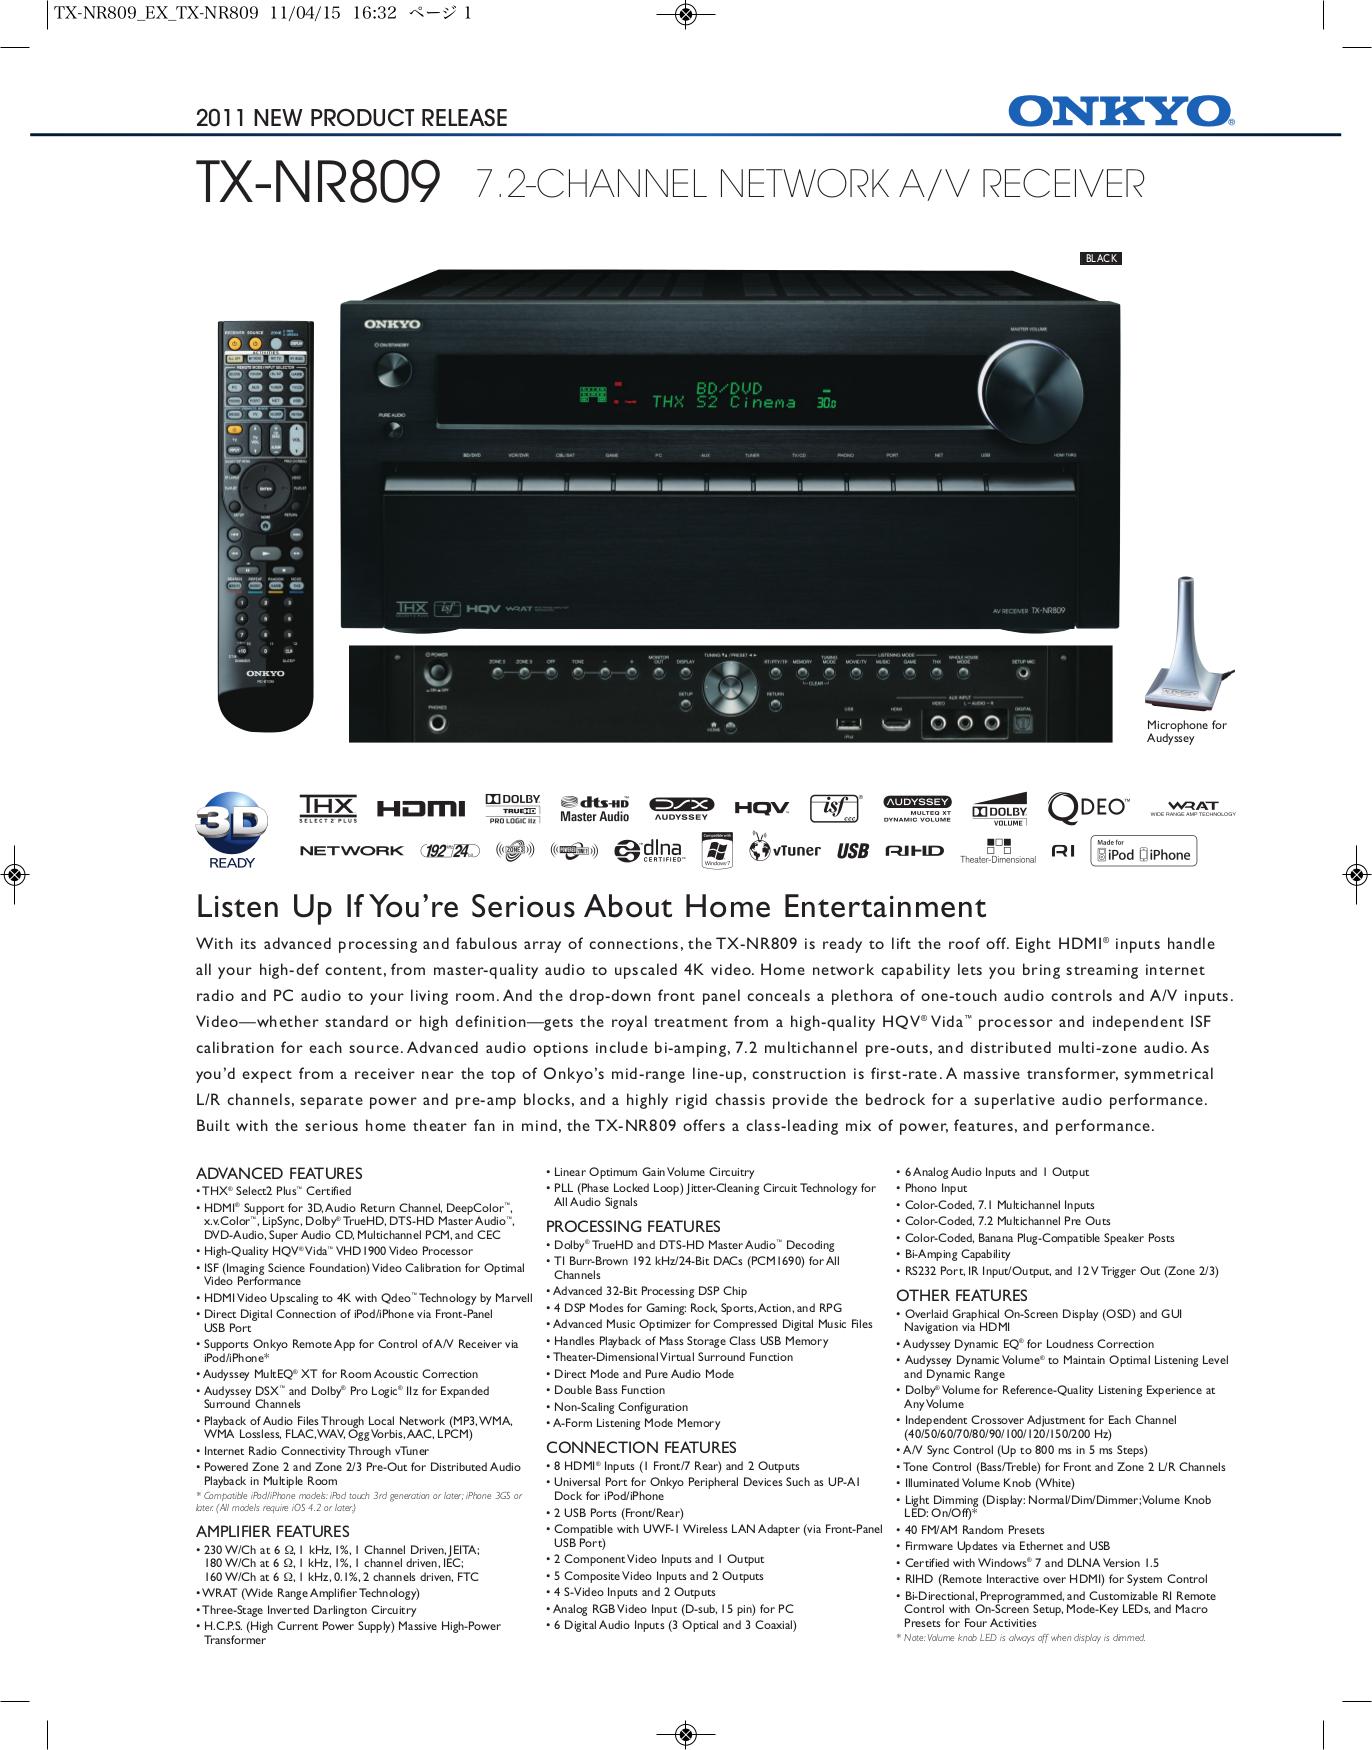 download free pdf for onkyo tx nr809 receiver manual rh umlib com  onkyo tx-nr809 instruction manual